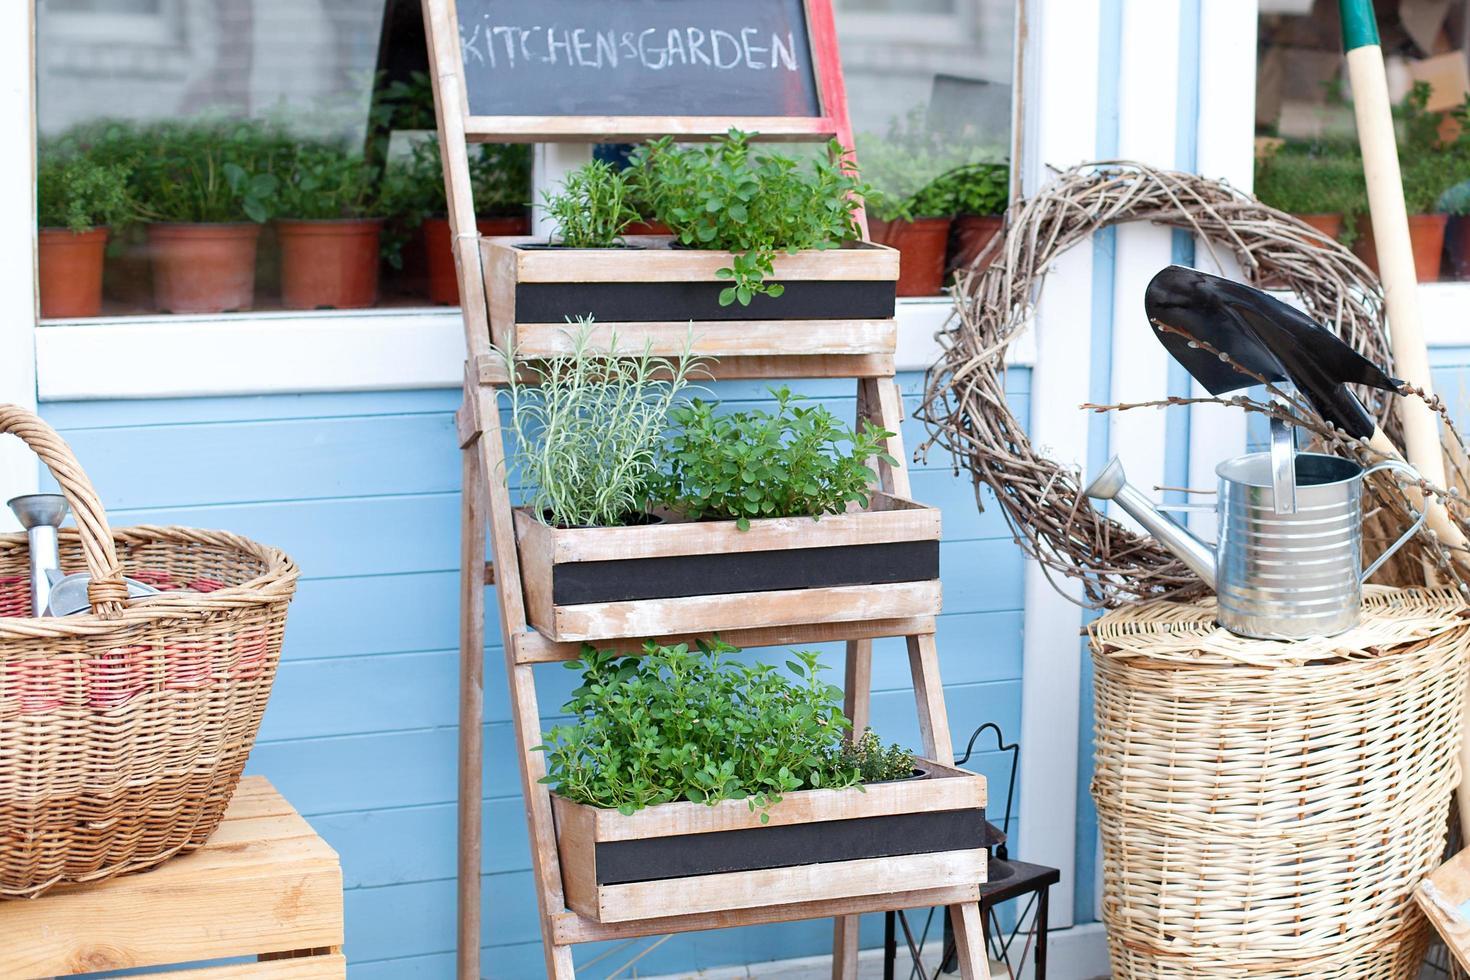 Anbau von Pflanzen in Töpfen auf einer Veranda eines Landhauses foto